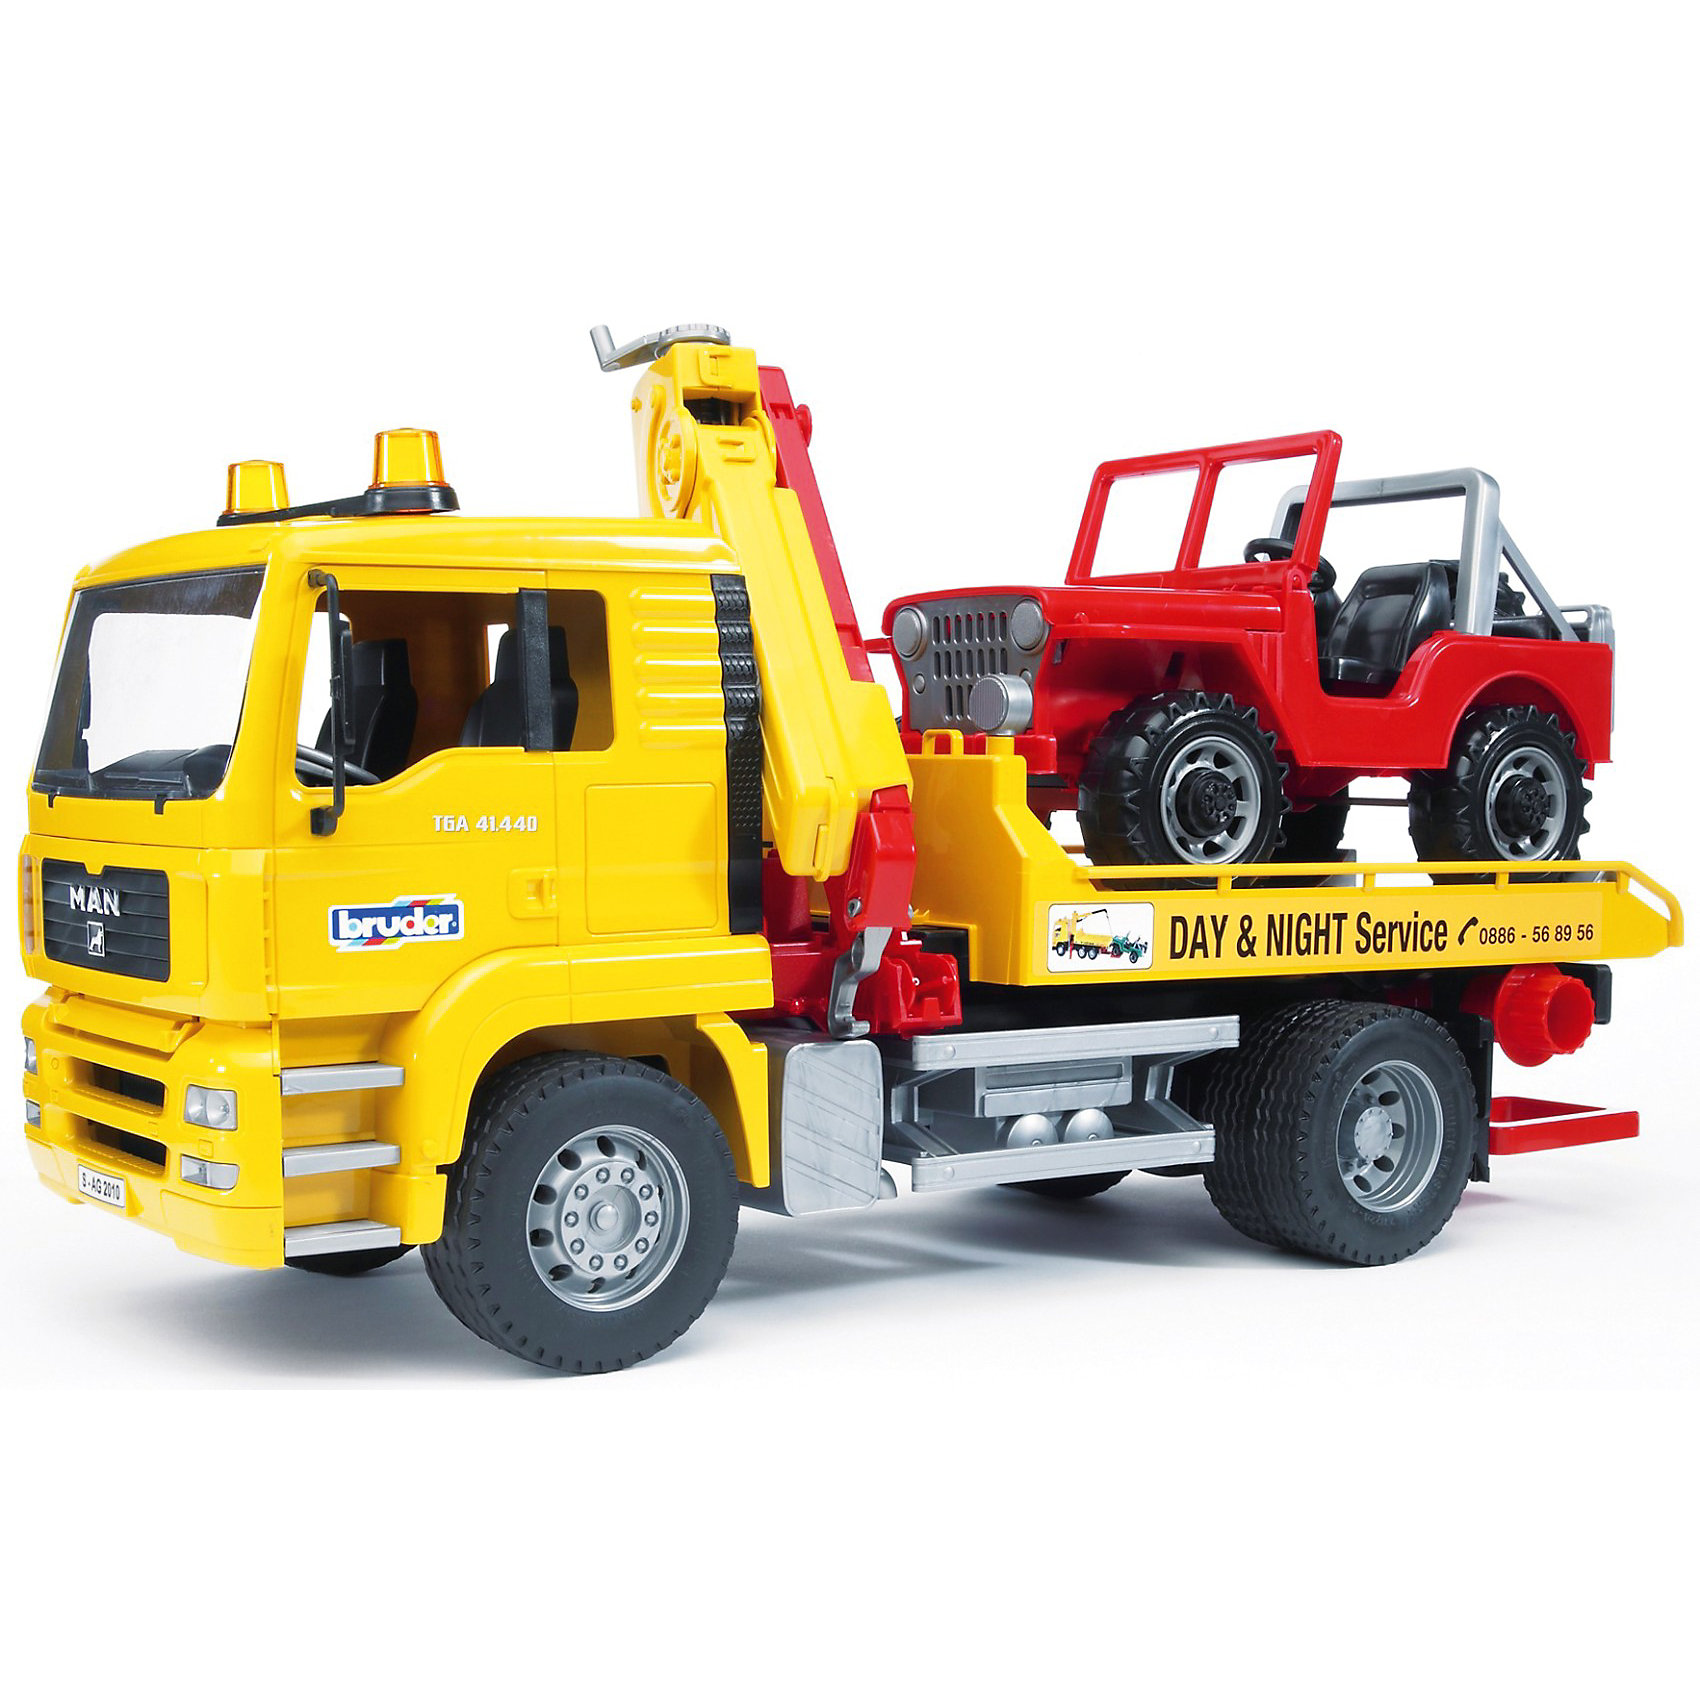 Эвакуатор MAN с портативным краном и внедорожником, BruderКоллекционные модели<br>Эвакуатор MAN с портативным краном и внедорожником Bruder (Брудер) это модель настоящего грузовика, выполненная в масштабе 1:16. В этой модели есть все основные функции, которыми обладает реальная машина. <br><br>Эвакуатор: кабина с лобовым стеклом из прозрачного пластика оборудована рулем, 2 сиденьями и декоративными рычагами управления. Кабина откидывается, двери открываются, зеркала складываются. <br><br>Автомобили загружаются на платформу с помощью закрепленного на машине крана. Подвижная стрела крана поднимается и опускается. Платформа эвакуатора откидывается, превращаясь в трап для погрузки джипа. Эвакуируемый автомобиль загружается за передние колеса при помощи цепи (есть фиксаторы для колес). Колёса эвакуаторы прорезинены. <br><br>Особенности джипа: открытая кабина, 2 сиденья, при вращении руля поворачиваются передние колеса, капот открывается, сзади есть запасное колесо, пластиковые колеса. <br><br>Дополнительная информация:<br><br>- В комплекте: эвакуатор, внедорожник и набор аксессуаров для эвакуации автомобилей (цепи с фиксаторами для колёс).<br>- Материал: высококачественный пластик.<br>- Размер игрушки: 49.5 x 18.5 x 25.5  см.<br>- Размер упаковки:  26 х 51 х 19 см.<br>- Вес: 2,1 кг.<br><br>Эвакуатор MAN  Bruder можно купить в нашем интернет-магазине.<br><br>Ширина мм: 525<br>Глубина мм: 281<br>Высота мм: 200<br>Вес г: 2050<br>Возраст от месяцев: 48<br>Возраст до месяцев: 96<br>Пол: Мужской<br>Возраст: Детский<br>SKU: 2071383